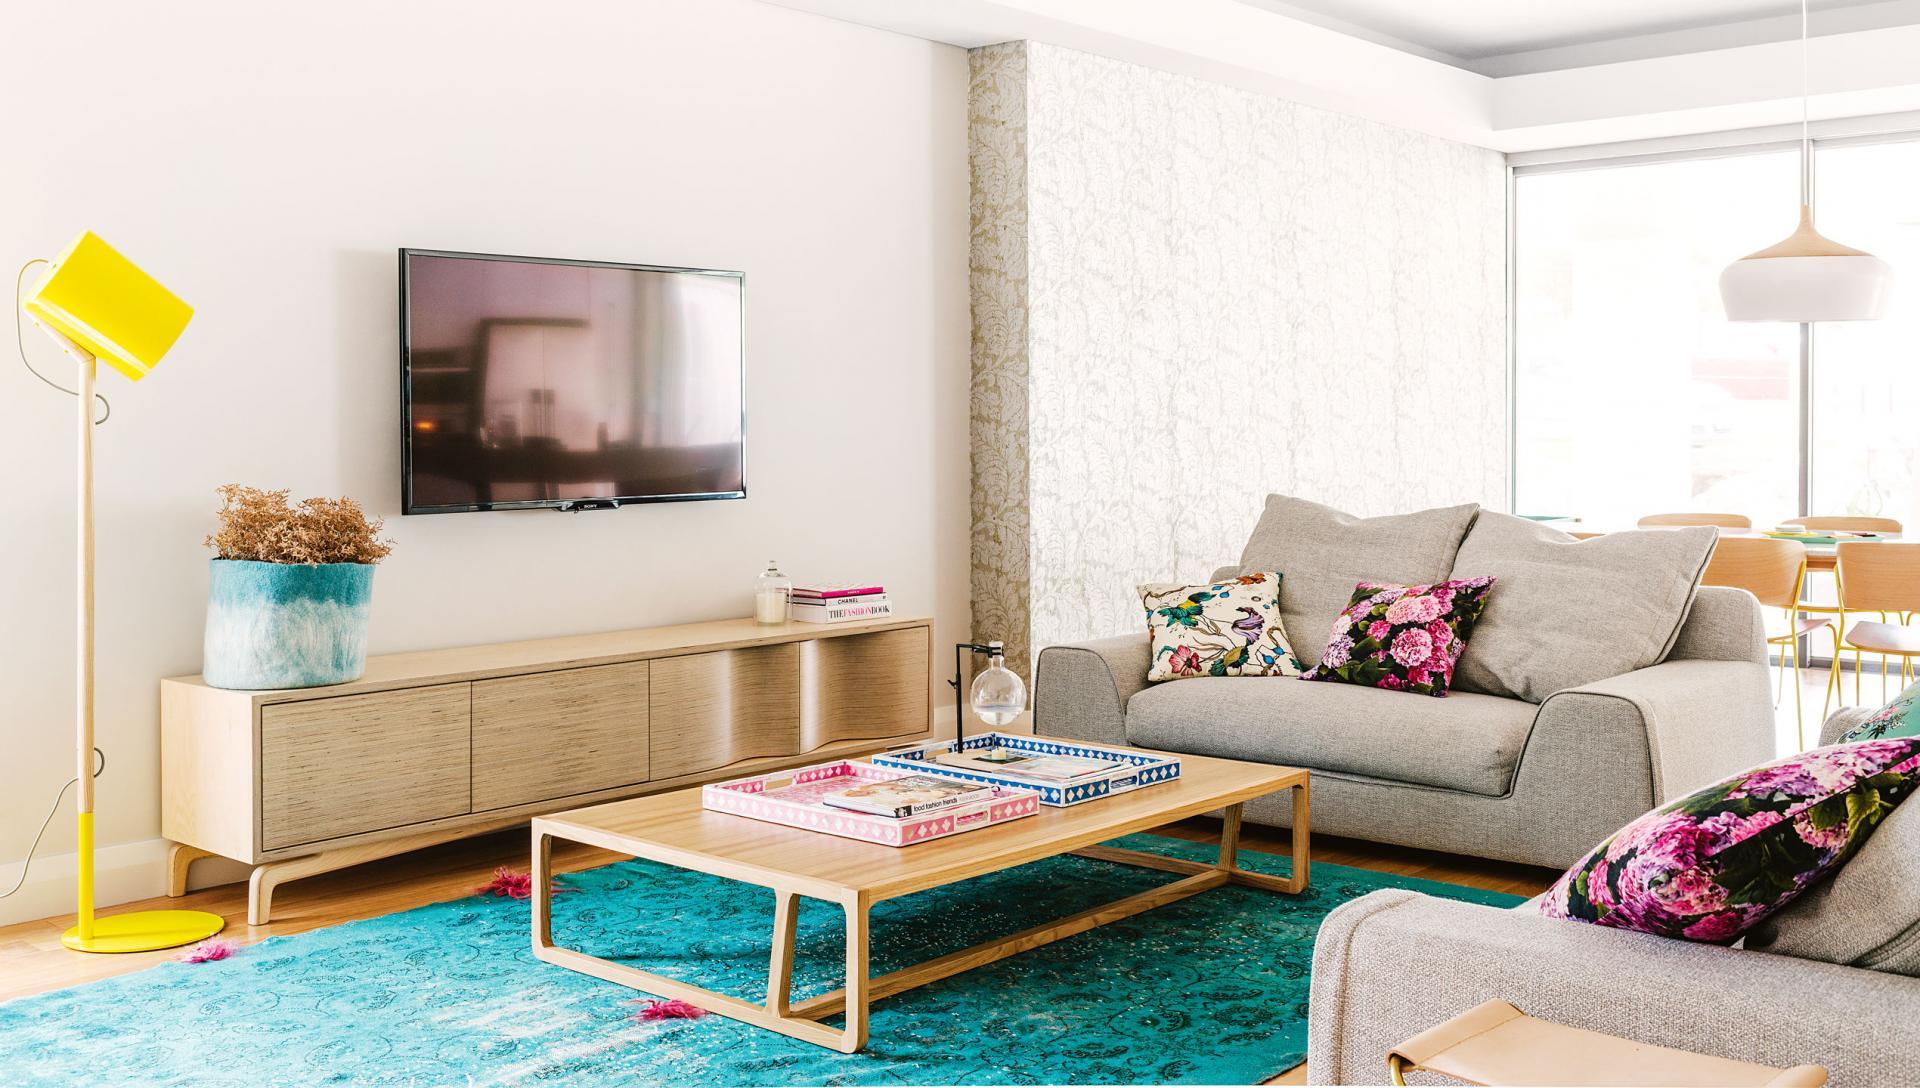 Appartement lumineux et notes color es - Charmant appartement lumineux touches couleurs ...